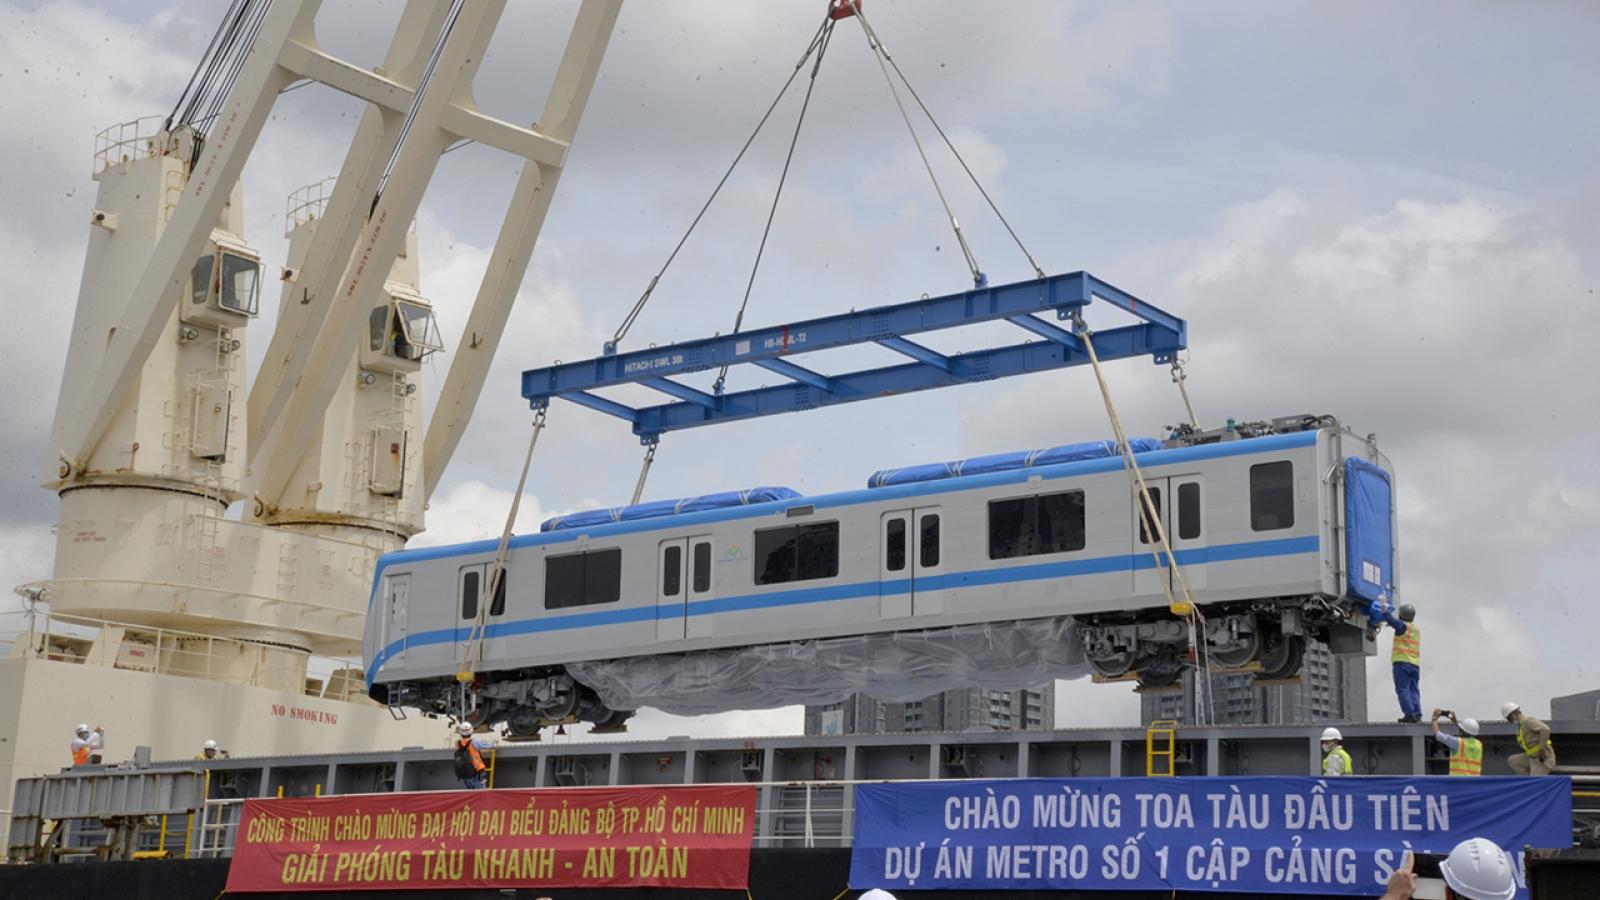 Những toa tàu đầu tiên của tuyến Metro số 1 TPHCM cập cảng Khánh Hội